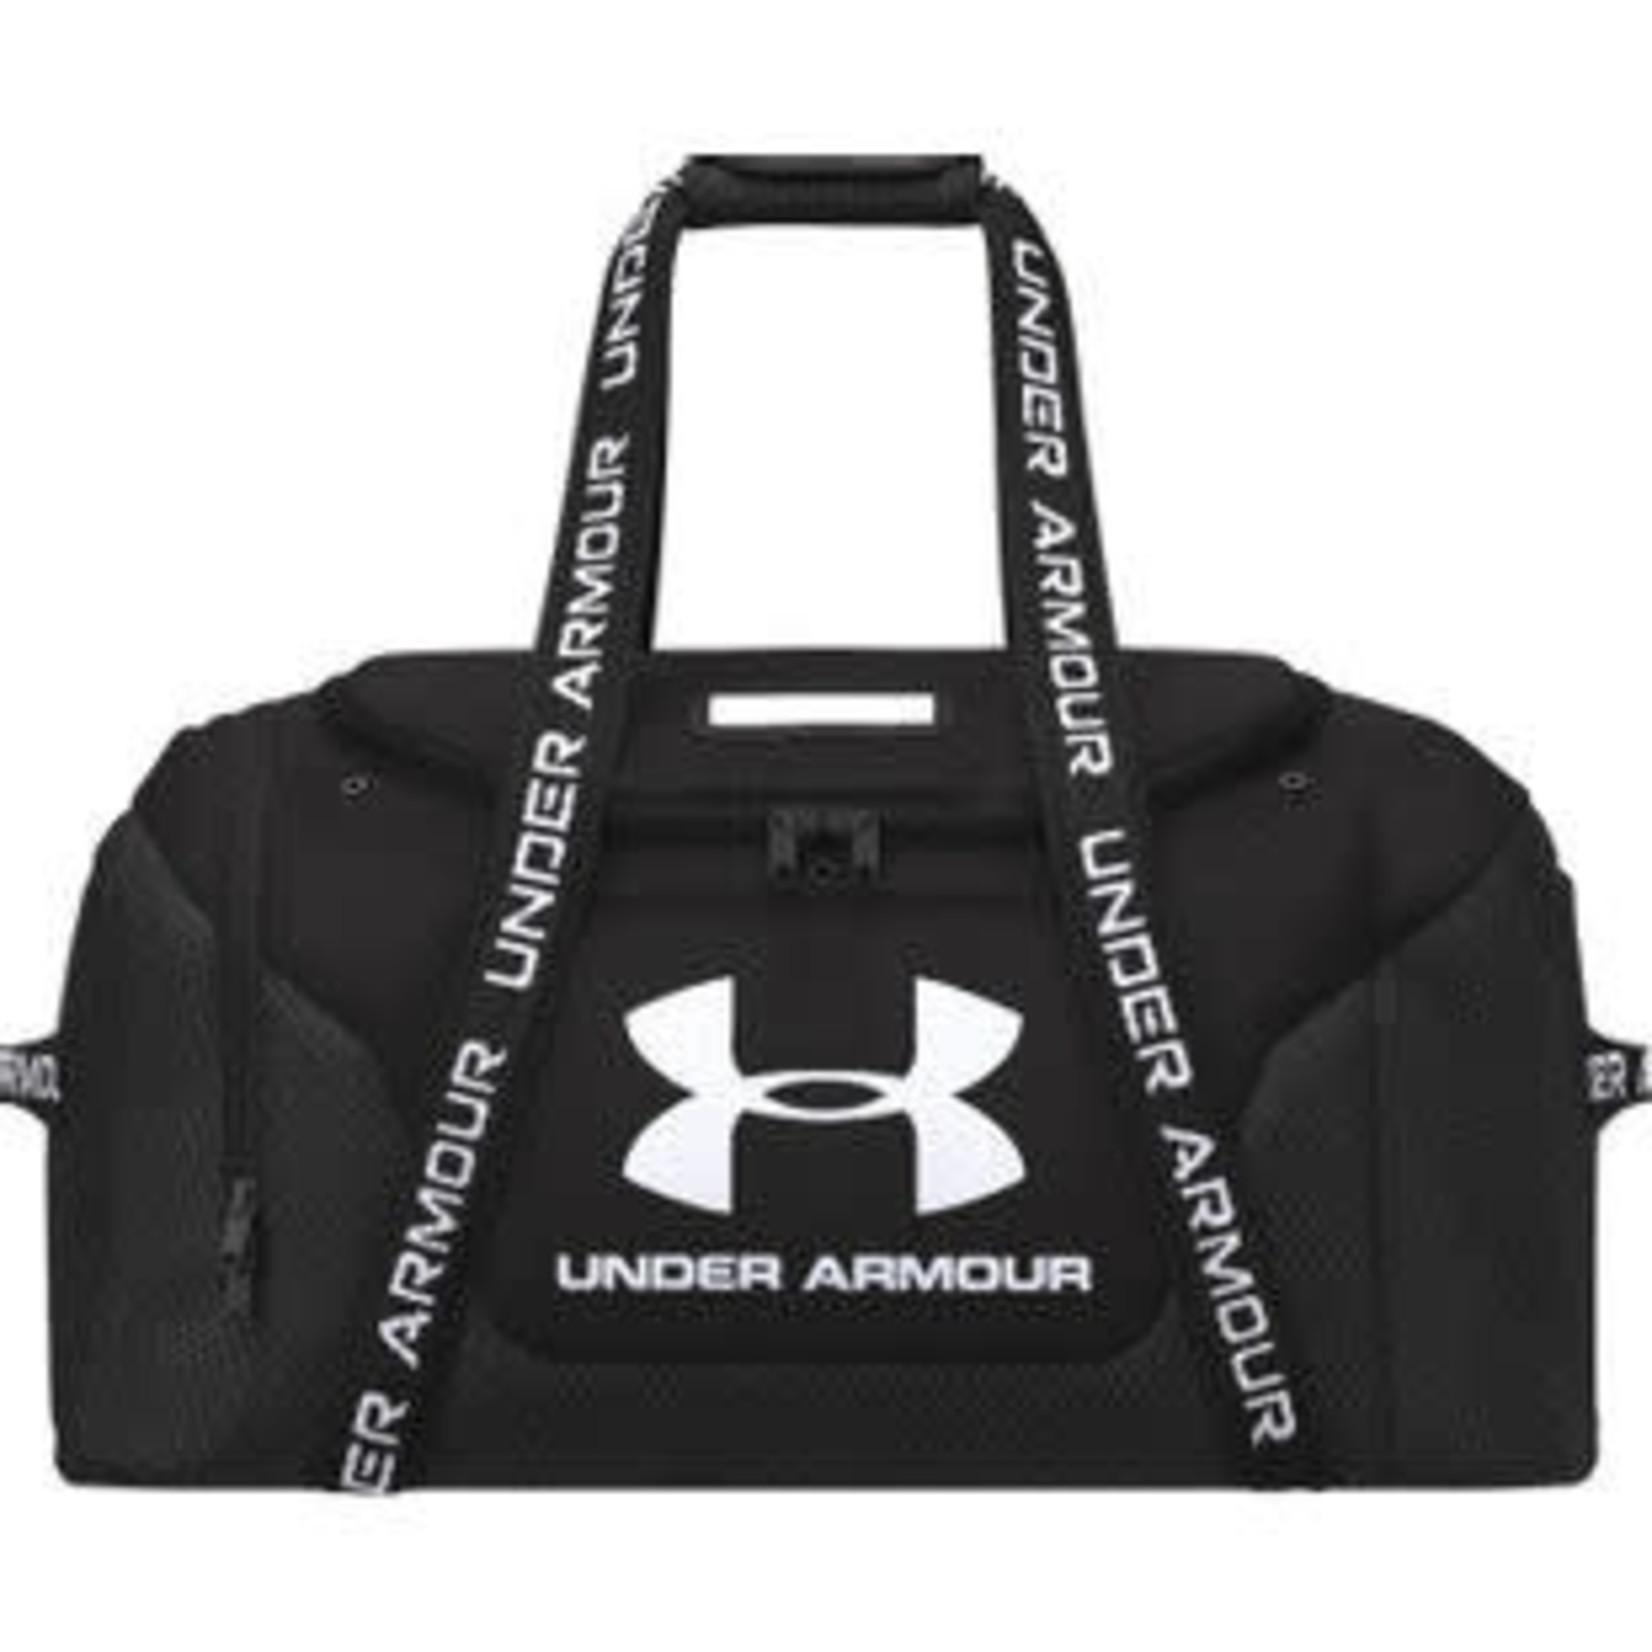 Under Armour Under Armour Hockey Bag, Equipment, OS